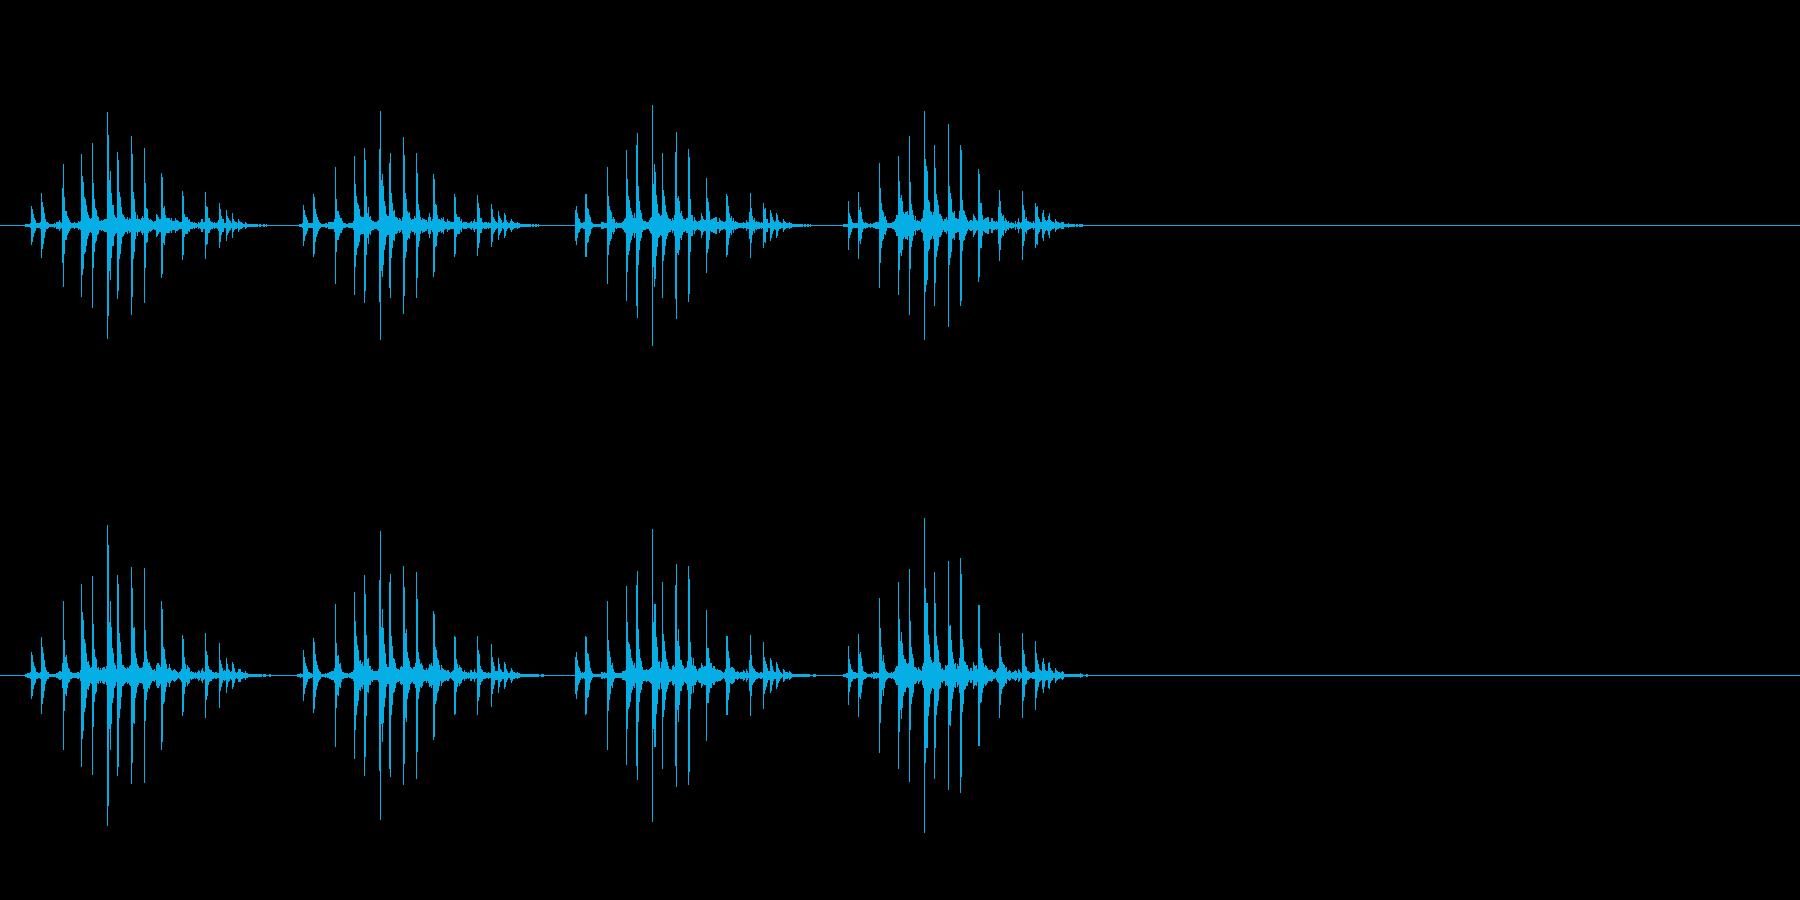 ギリギリギリギリ(リールを巻く、早め)の再生済みの波形